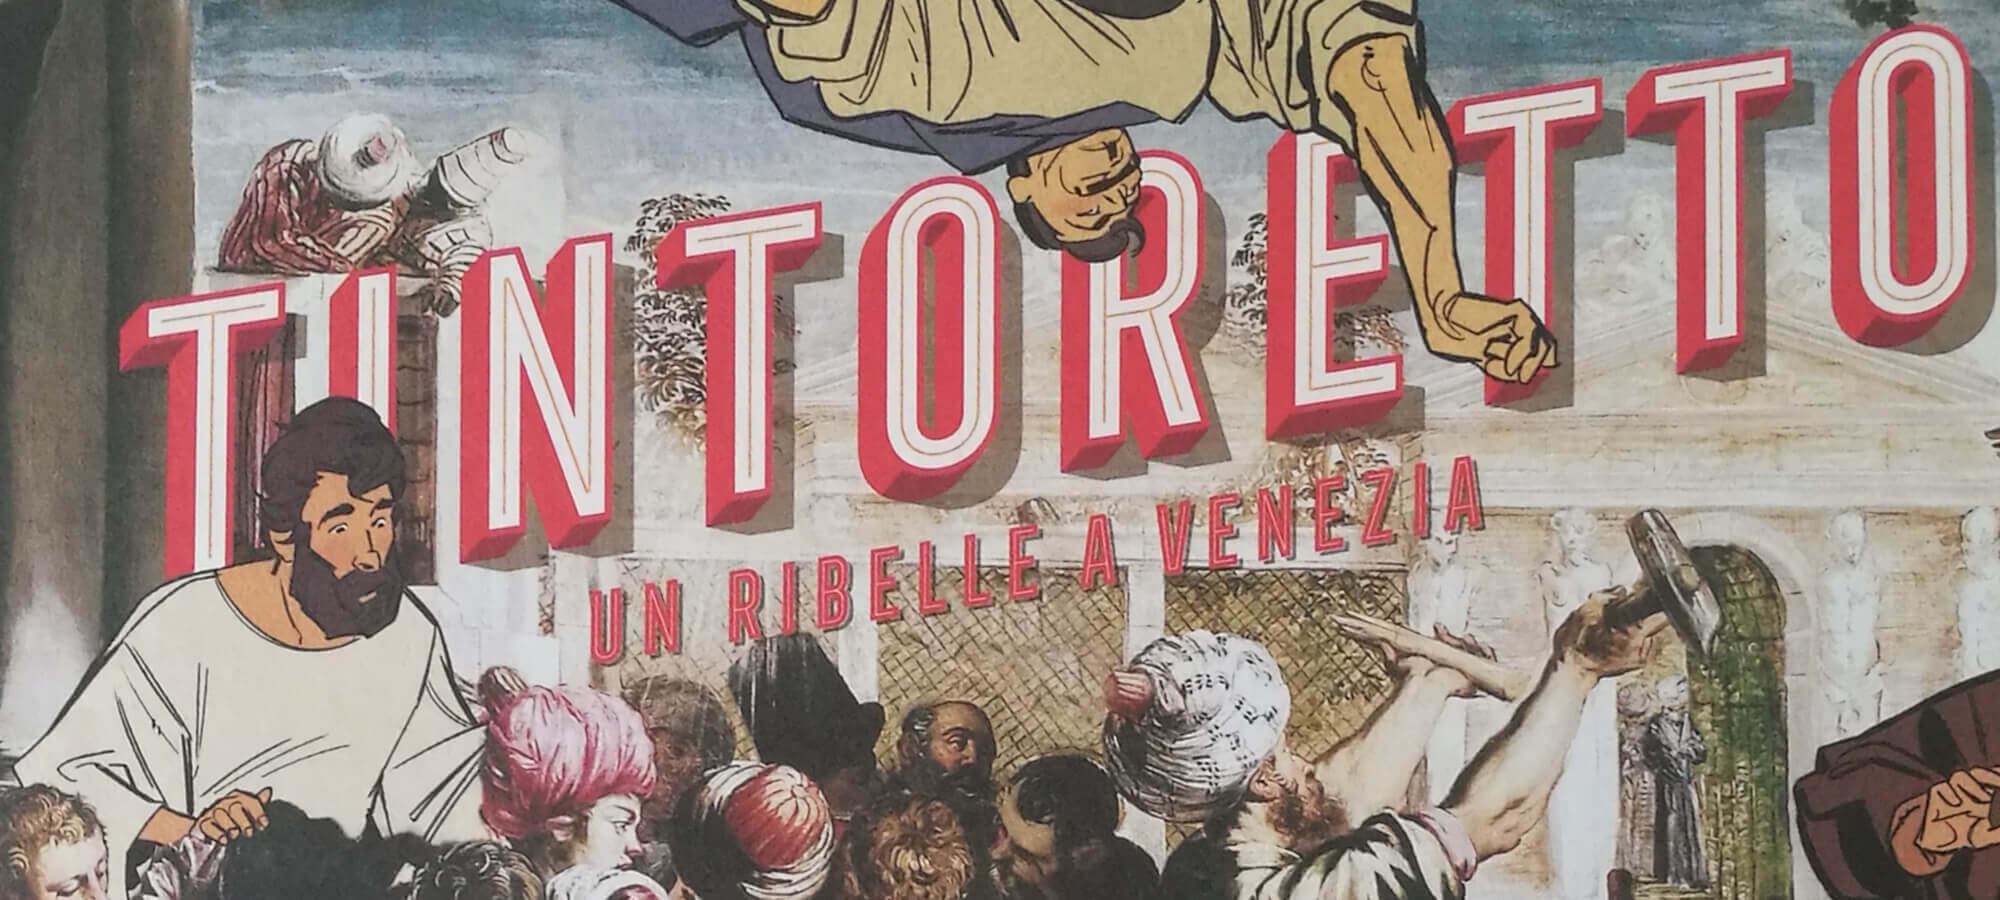 Tintoretto, ribelle e rivoluzionario